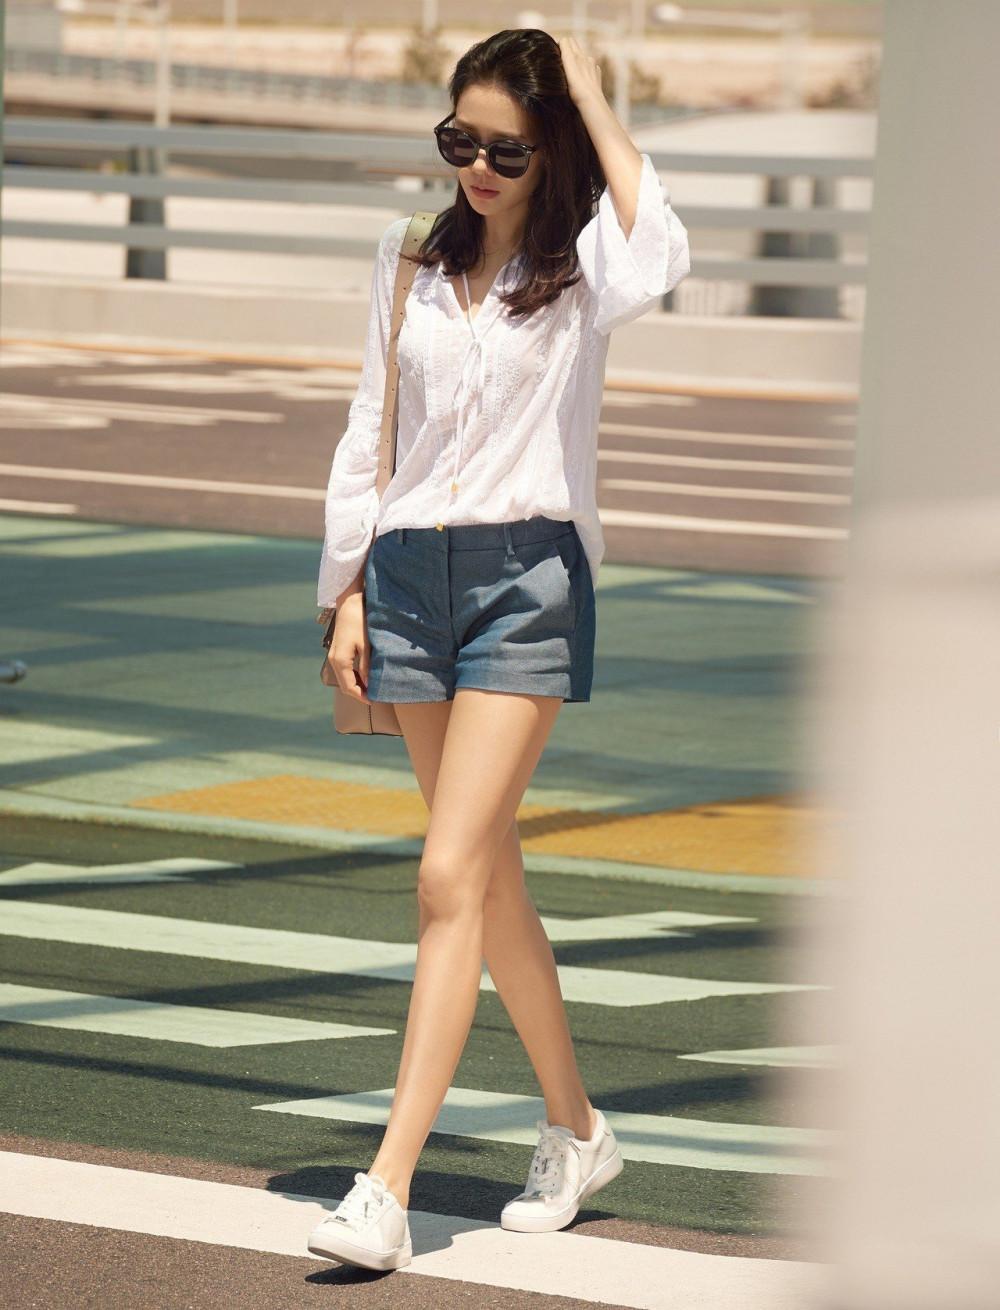 Son Ye Jin diện trang phục màu trắng tinh giản nhưng vẫn đầy thu hút. Nữ diễn viên Và em sẽ đến sở hữu chiều cao không quá nổi trội nhưng với tỉ lệ cơ thể chuẩn cùng sự tinh tế trong cách lựa chọn trang phục, trông Ye Jin luôn cao hơn chiều cao thật. Bạn có thể tham khảo Son Ye Jin cách diện những chiếc quần ống rộng, lưng cao và được mặc đóng thùng để tạo sự chú ý vào vòng eo và giúp đôi chân trông dài hơn.